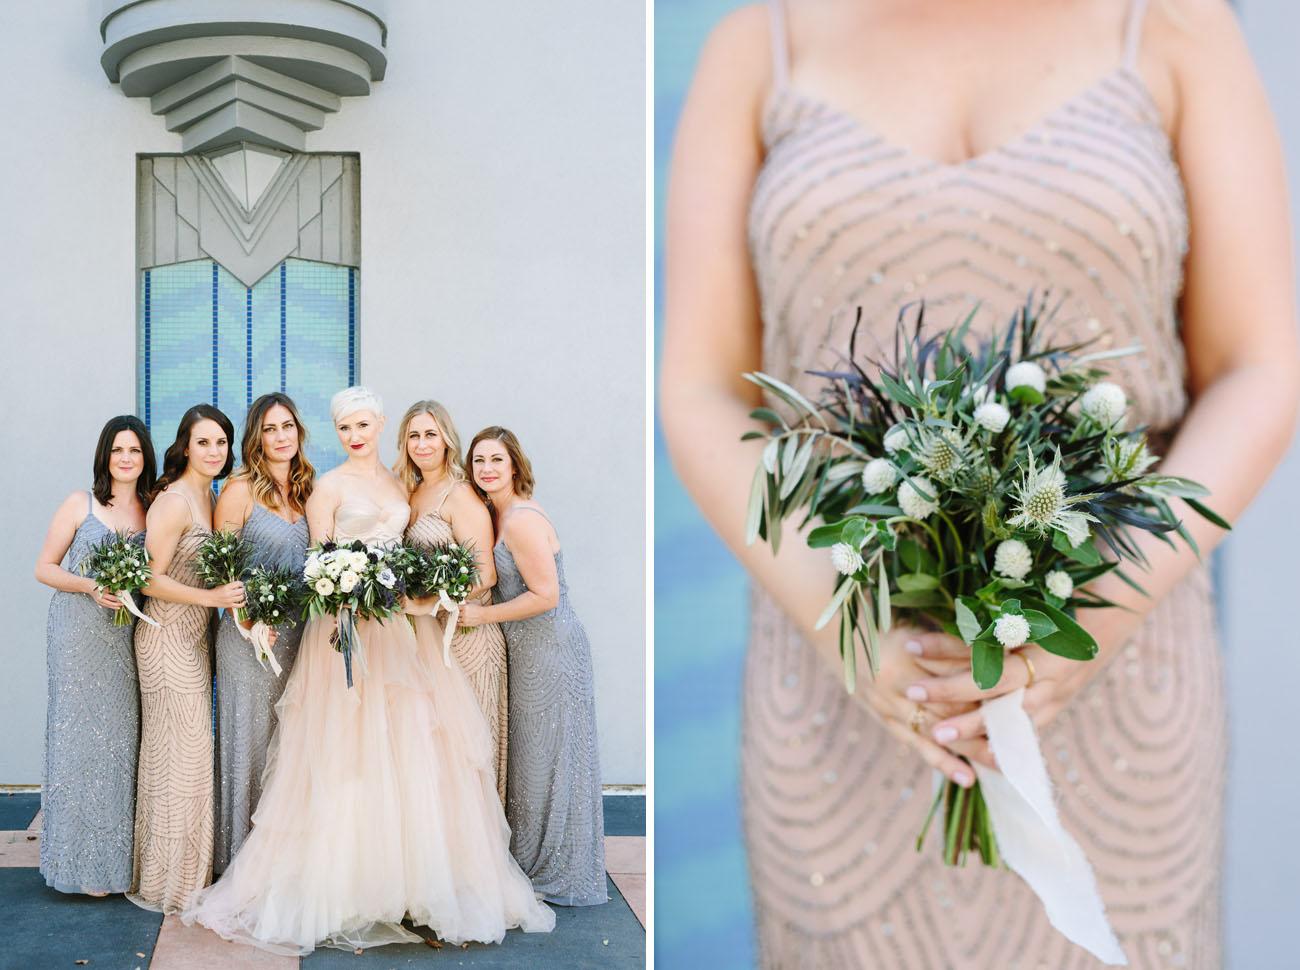 sequin bridesmaids